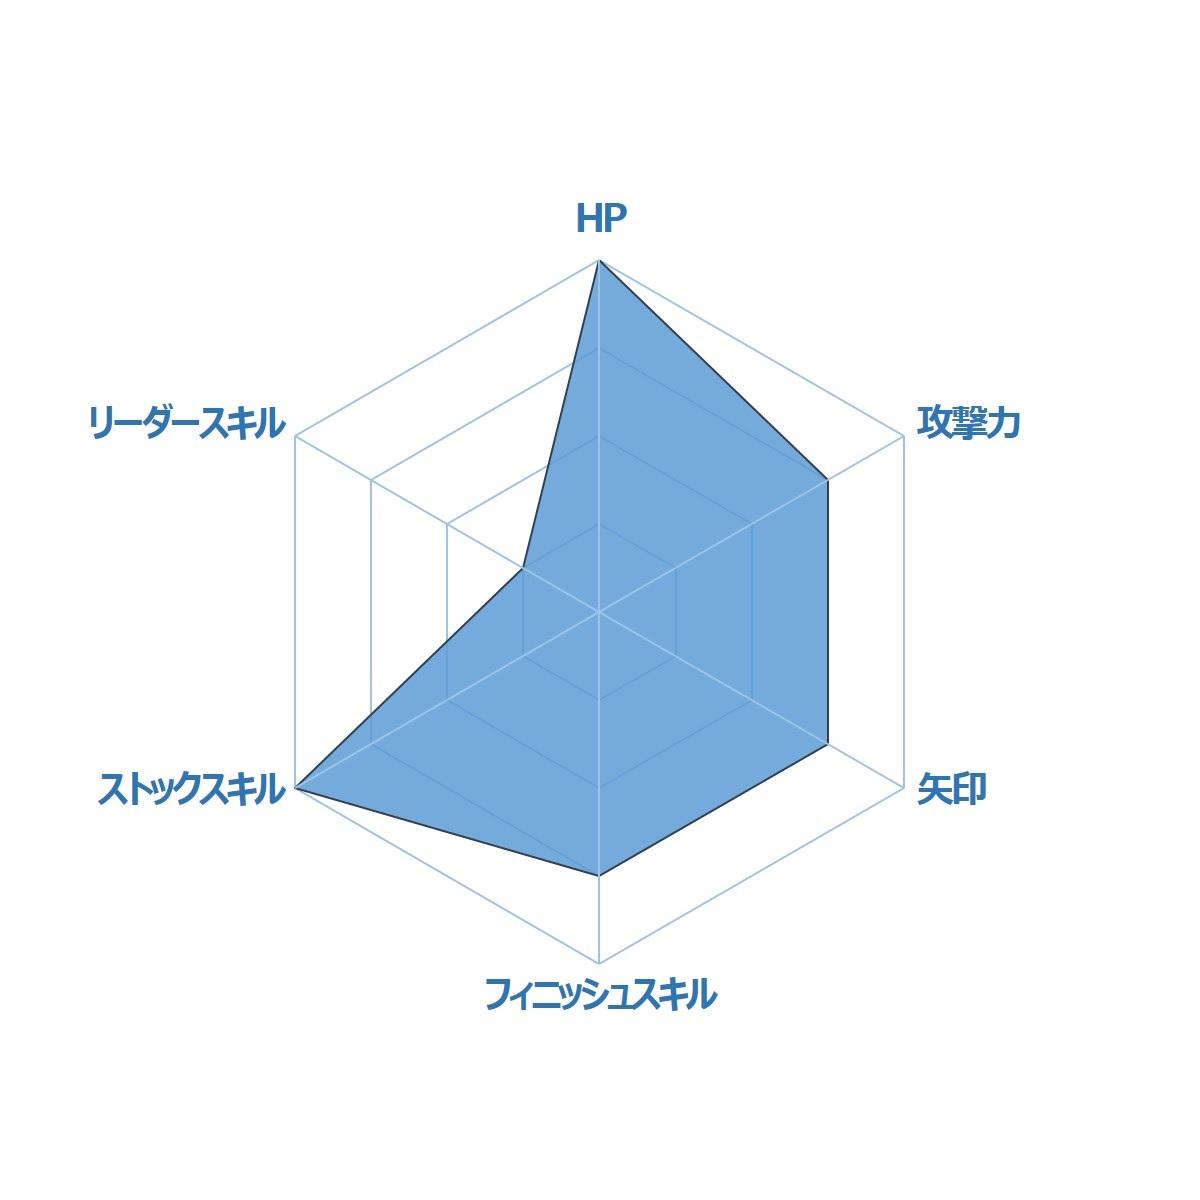 ガルズモンズ【キャラ性能・評価】乱姫戦隊サイバーレッド